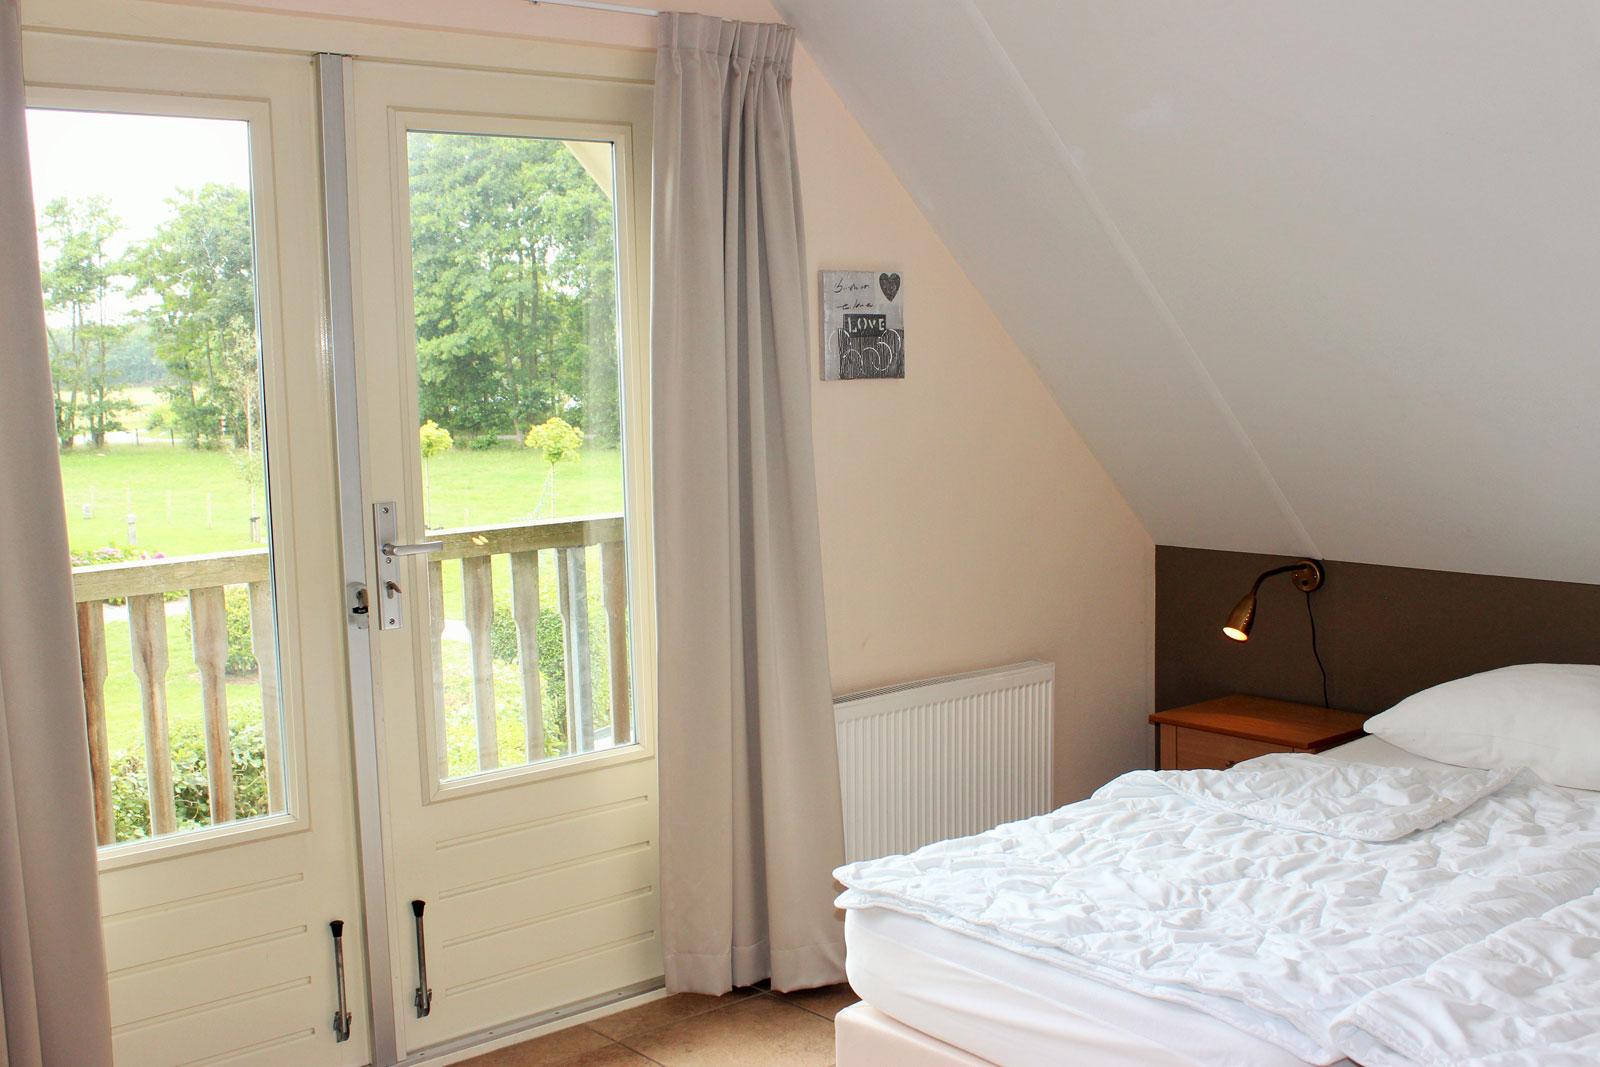 vakantiehuizen nr 12 en 14 slaapkamer boven